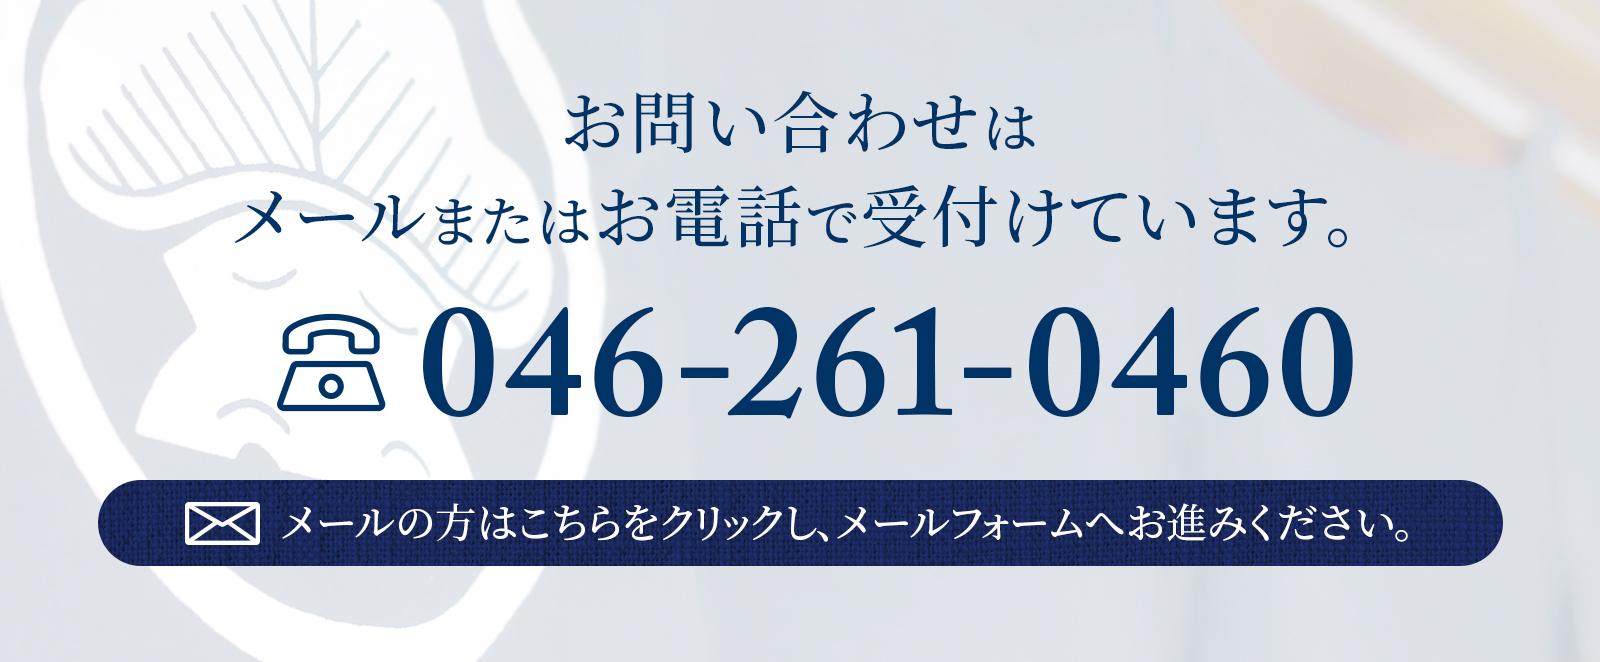 不動産のことなら株式会社まつもと 046-261-0460